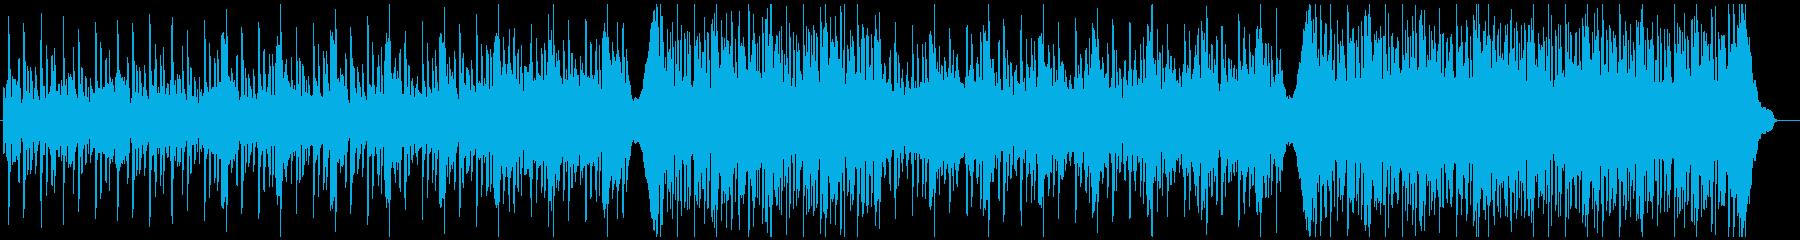 ホラー サスペンス 緊迫シーン 劇伴の再生済みの波形